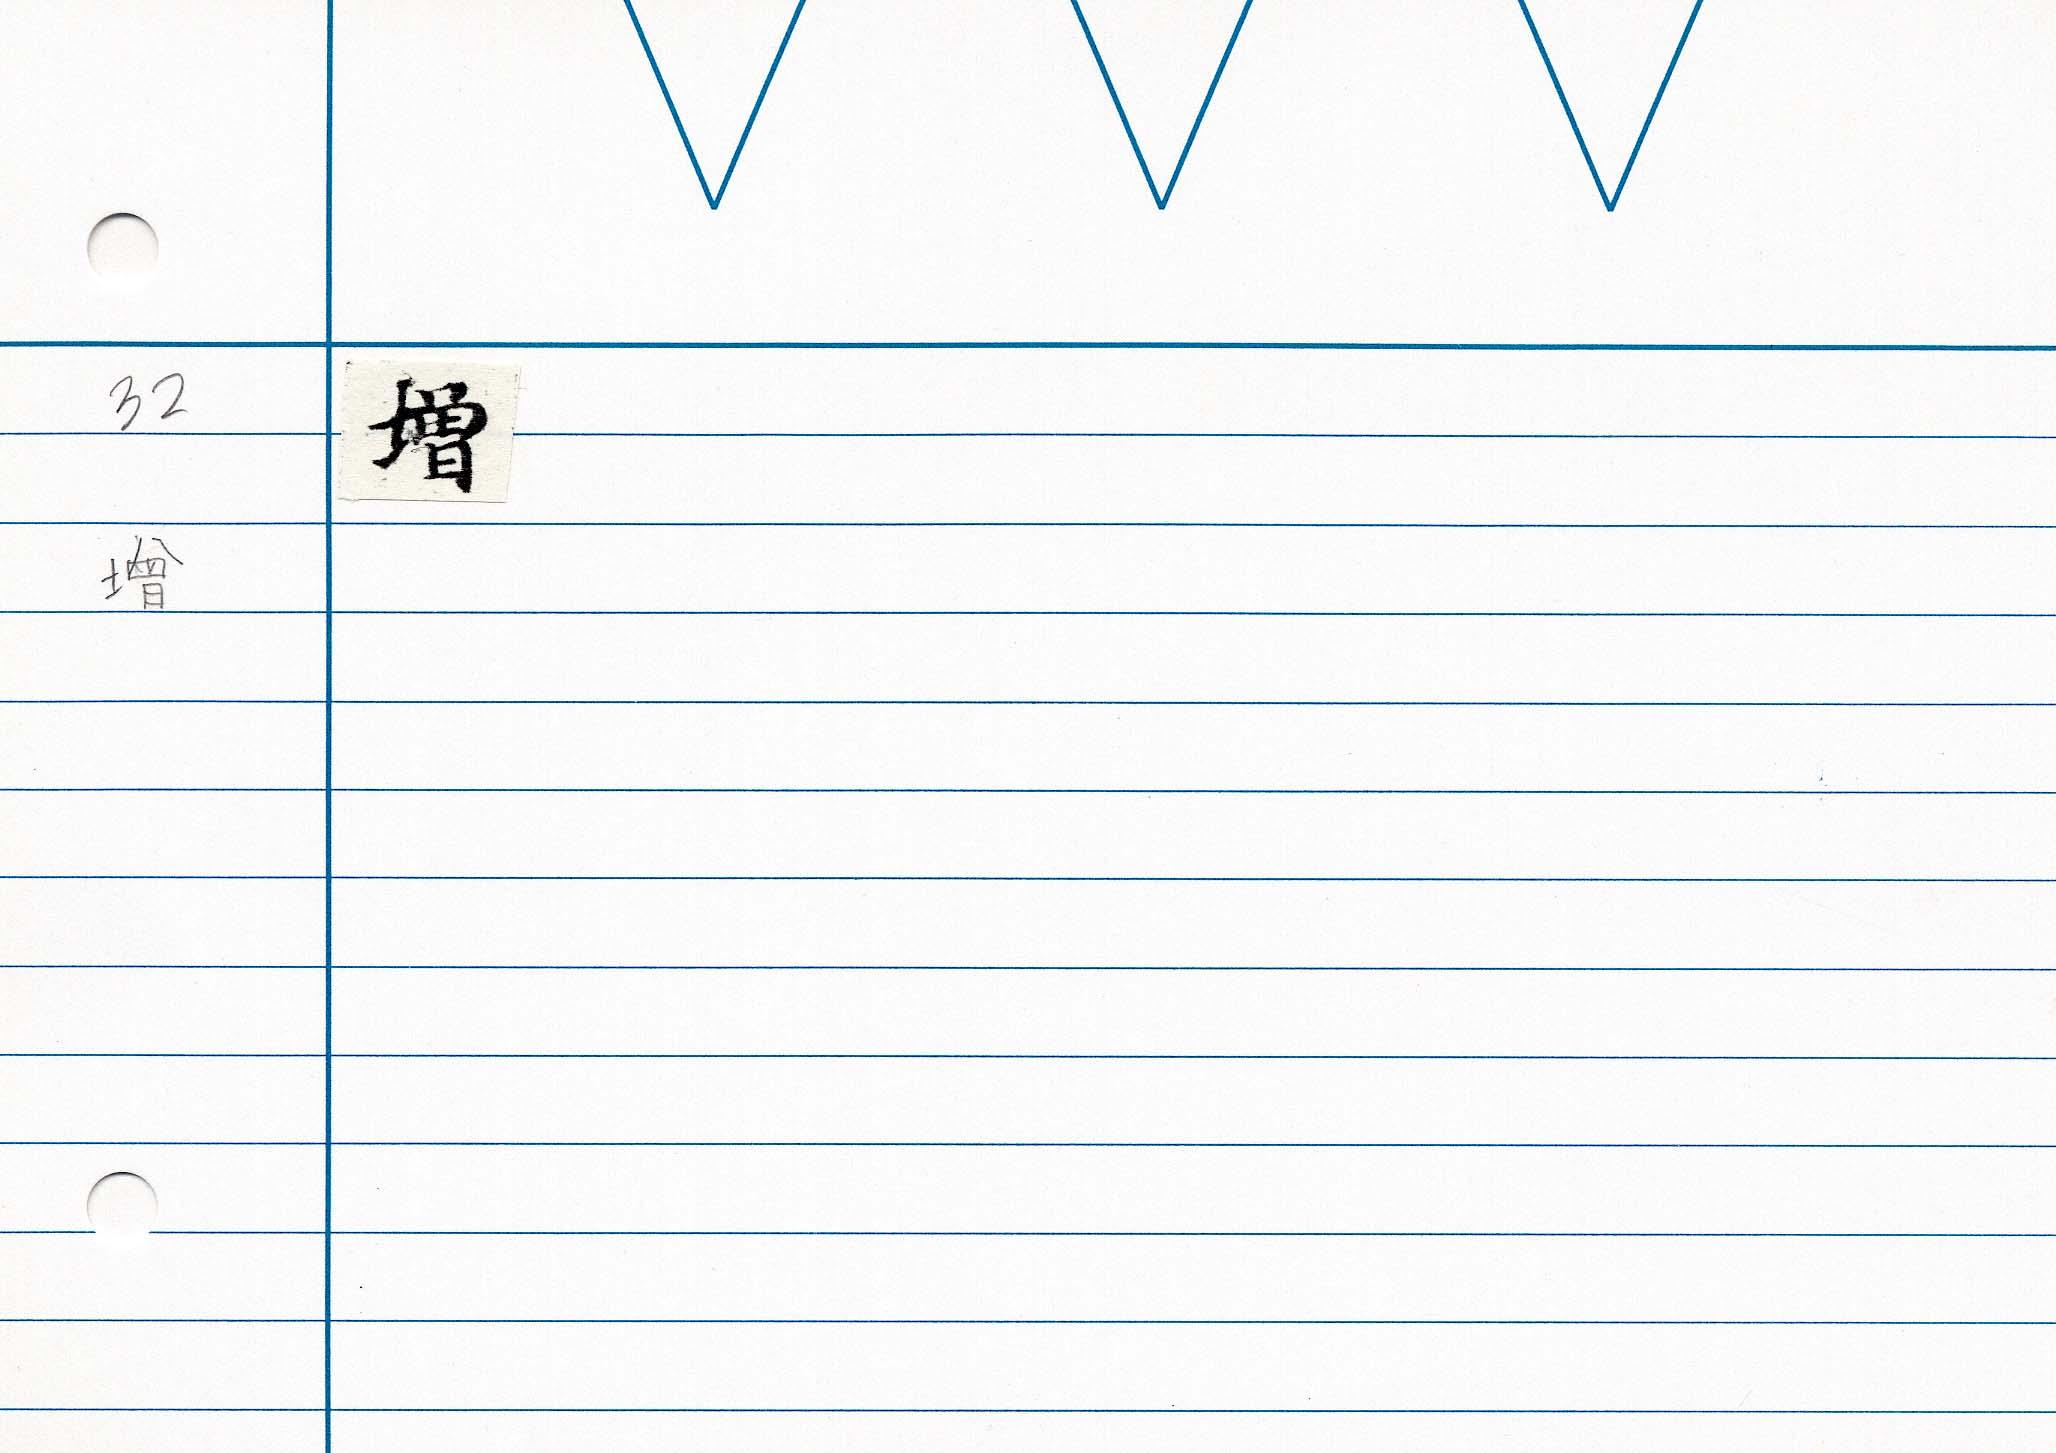 60_佛説大教王經卷一(東禪寺版日本寫本)/cards/0046.jpg